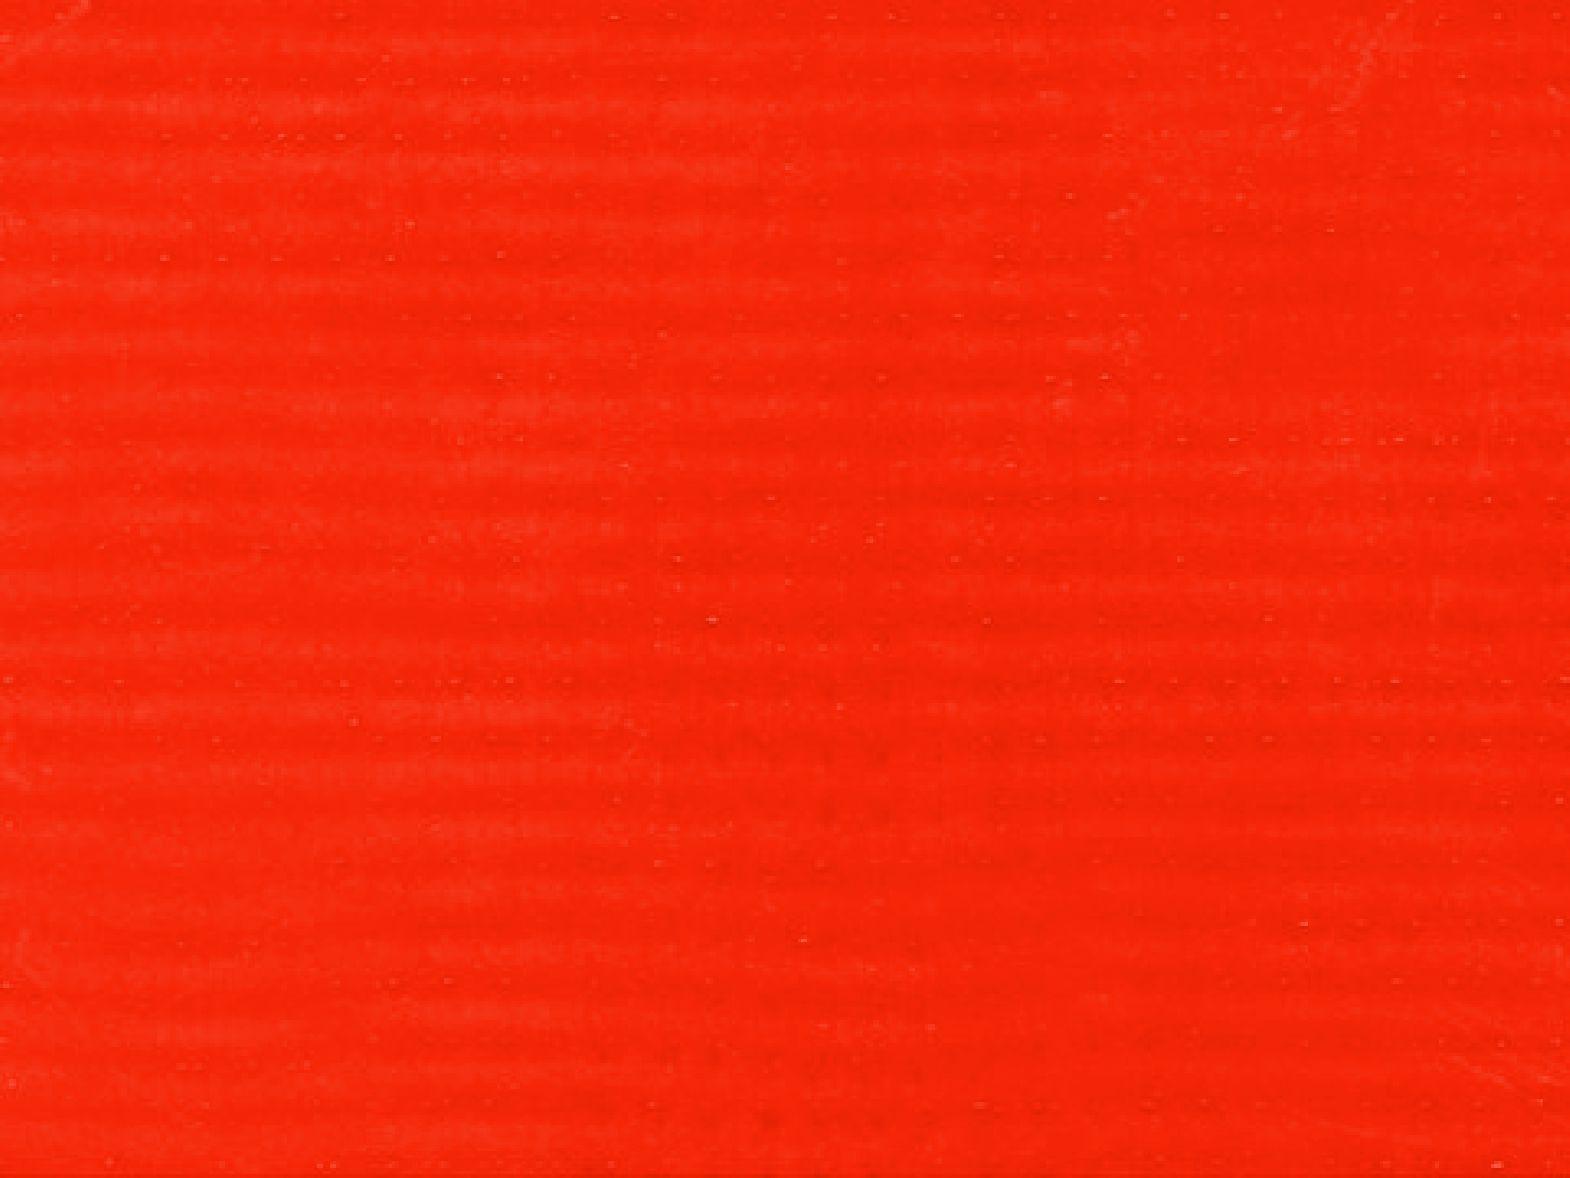 Lona KP1100  p/ Conserto E Fabricação de Brinquedos Infláveis  01 x 1,40mt  - Gutana Brinquedos